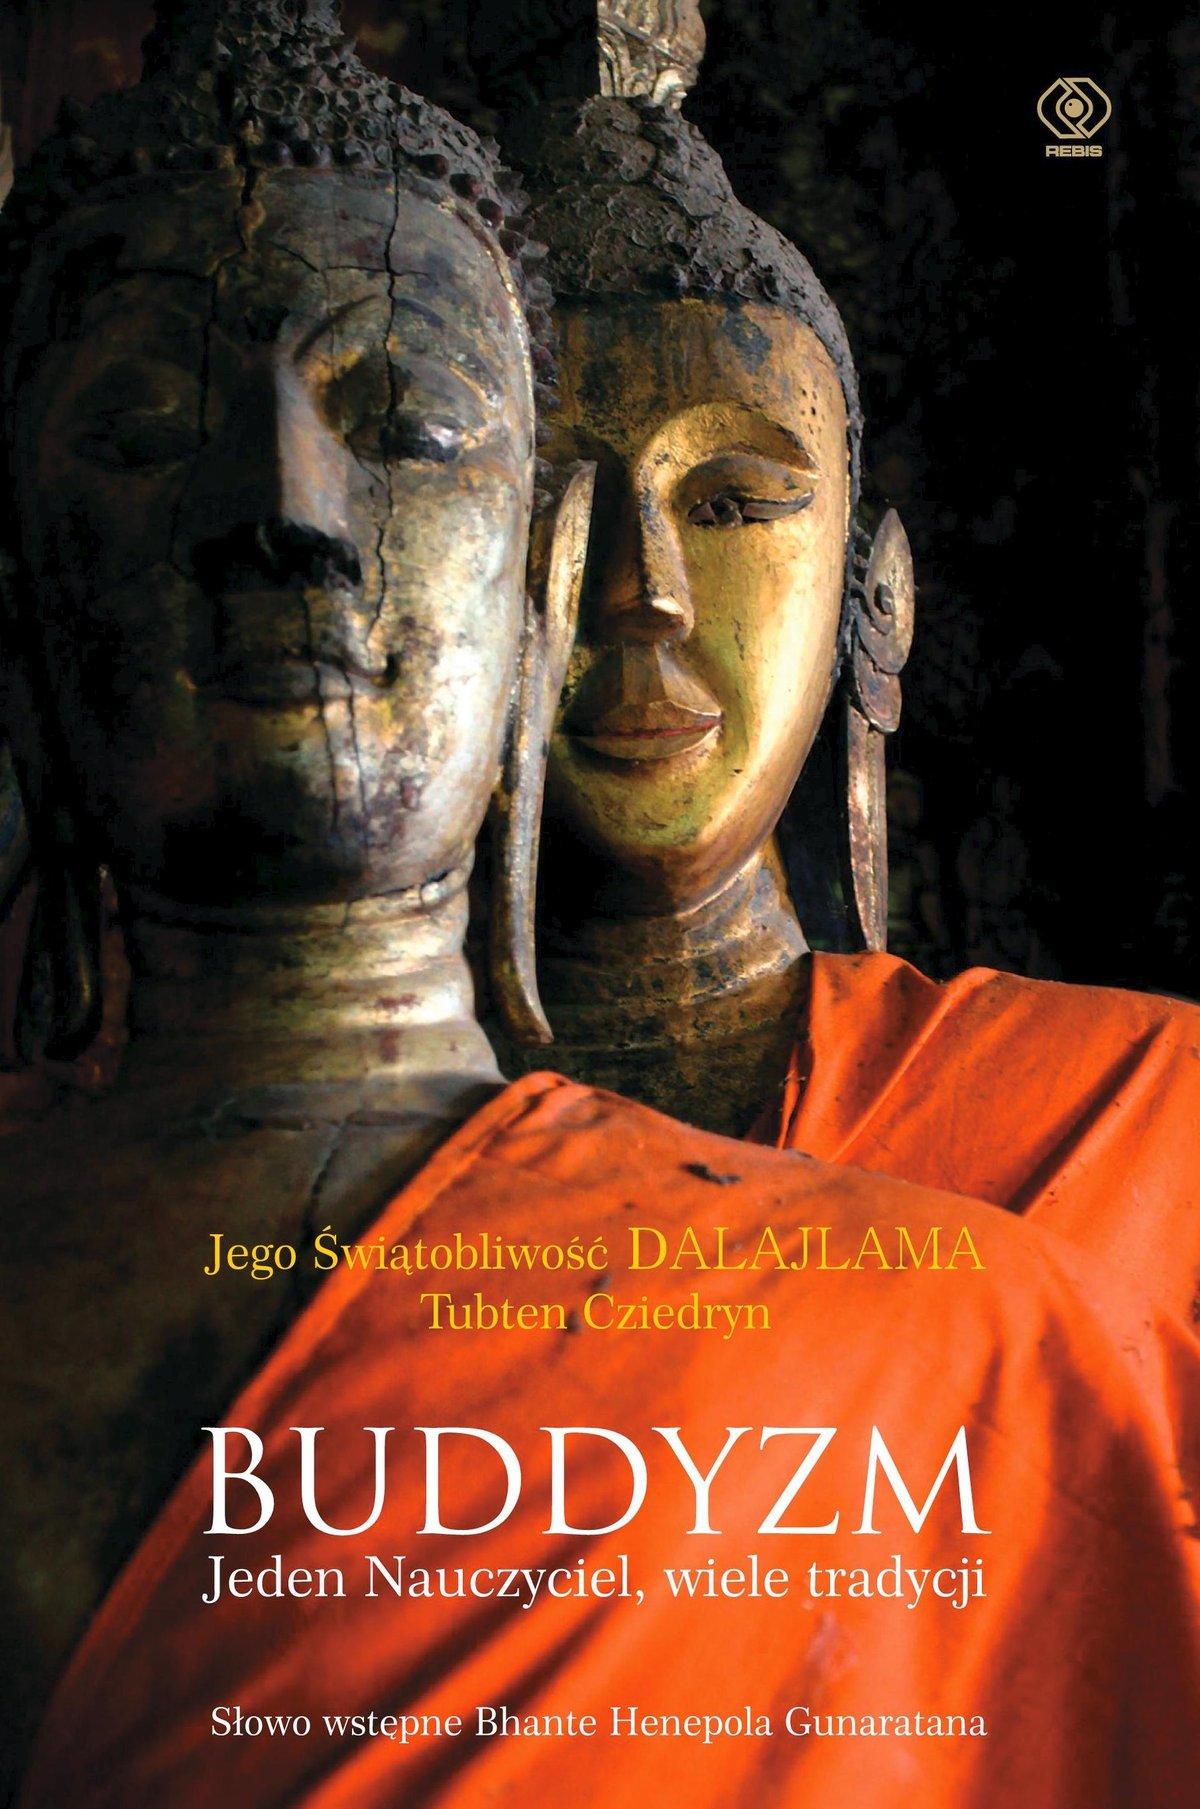 Buddyzm. Jeden nauczyciel, wiele tradycji - Ebook (Książka EPUB) do pobrania w formacie EPUB